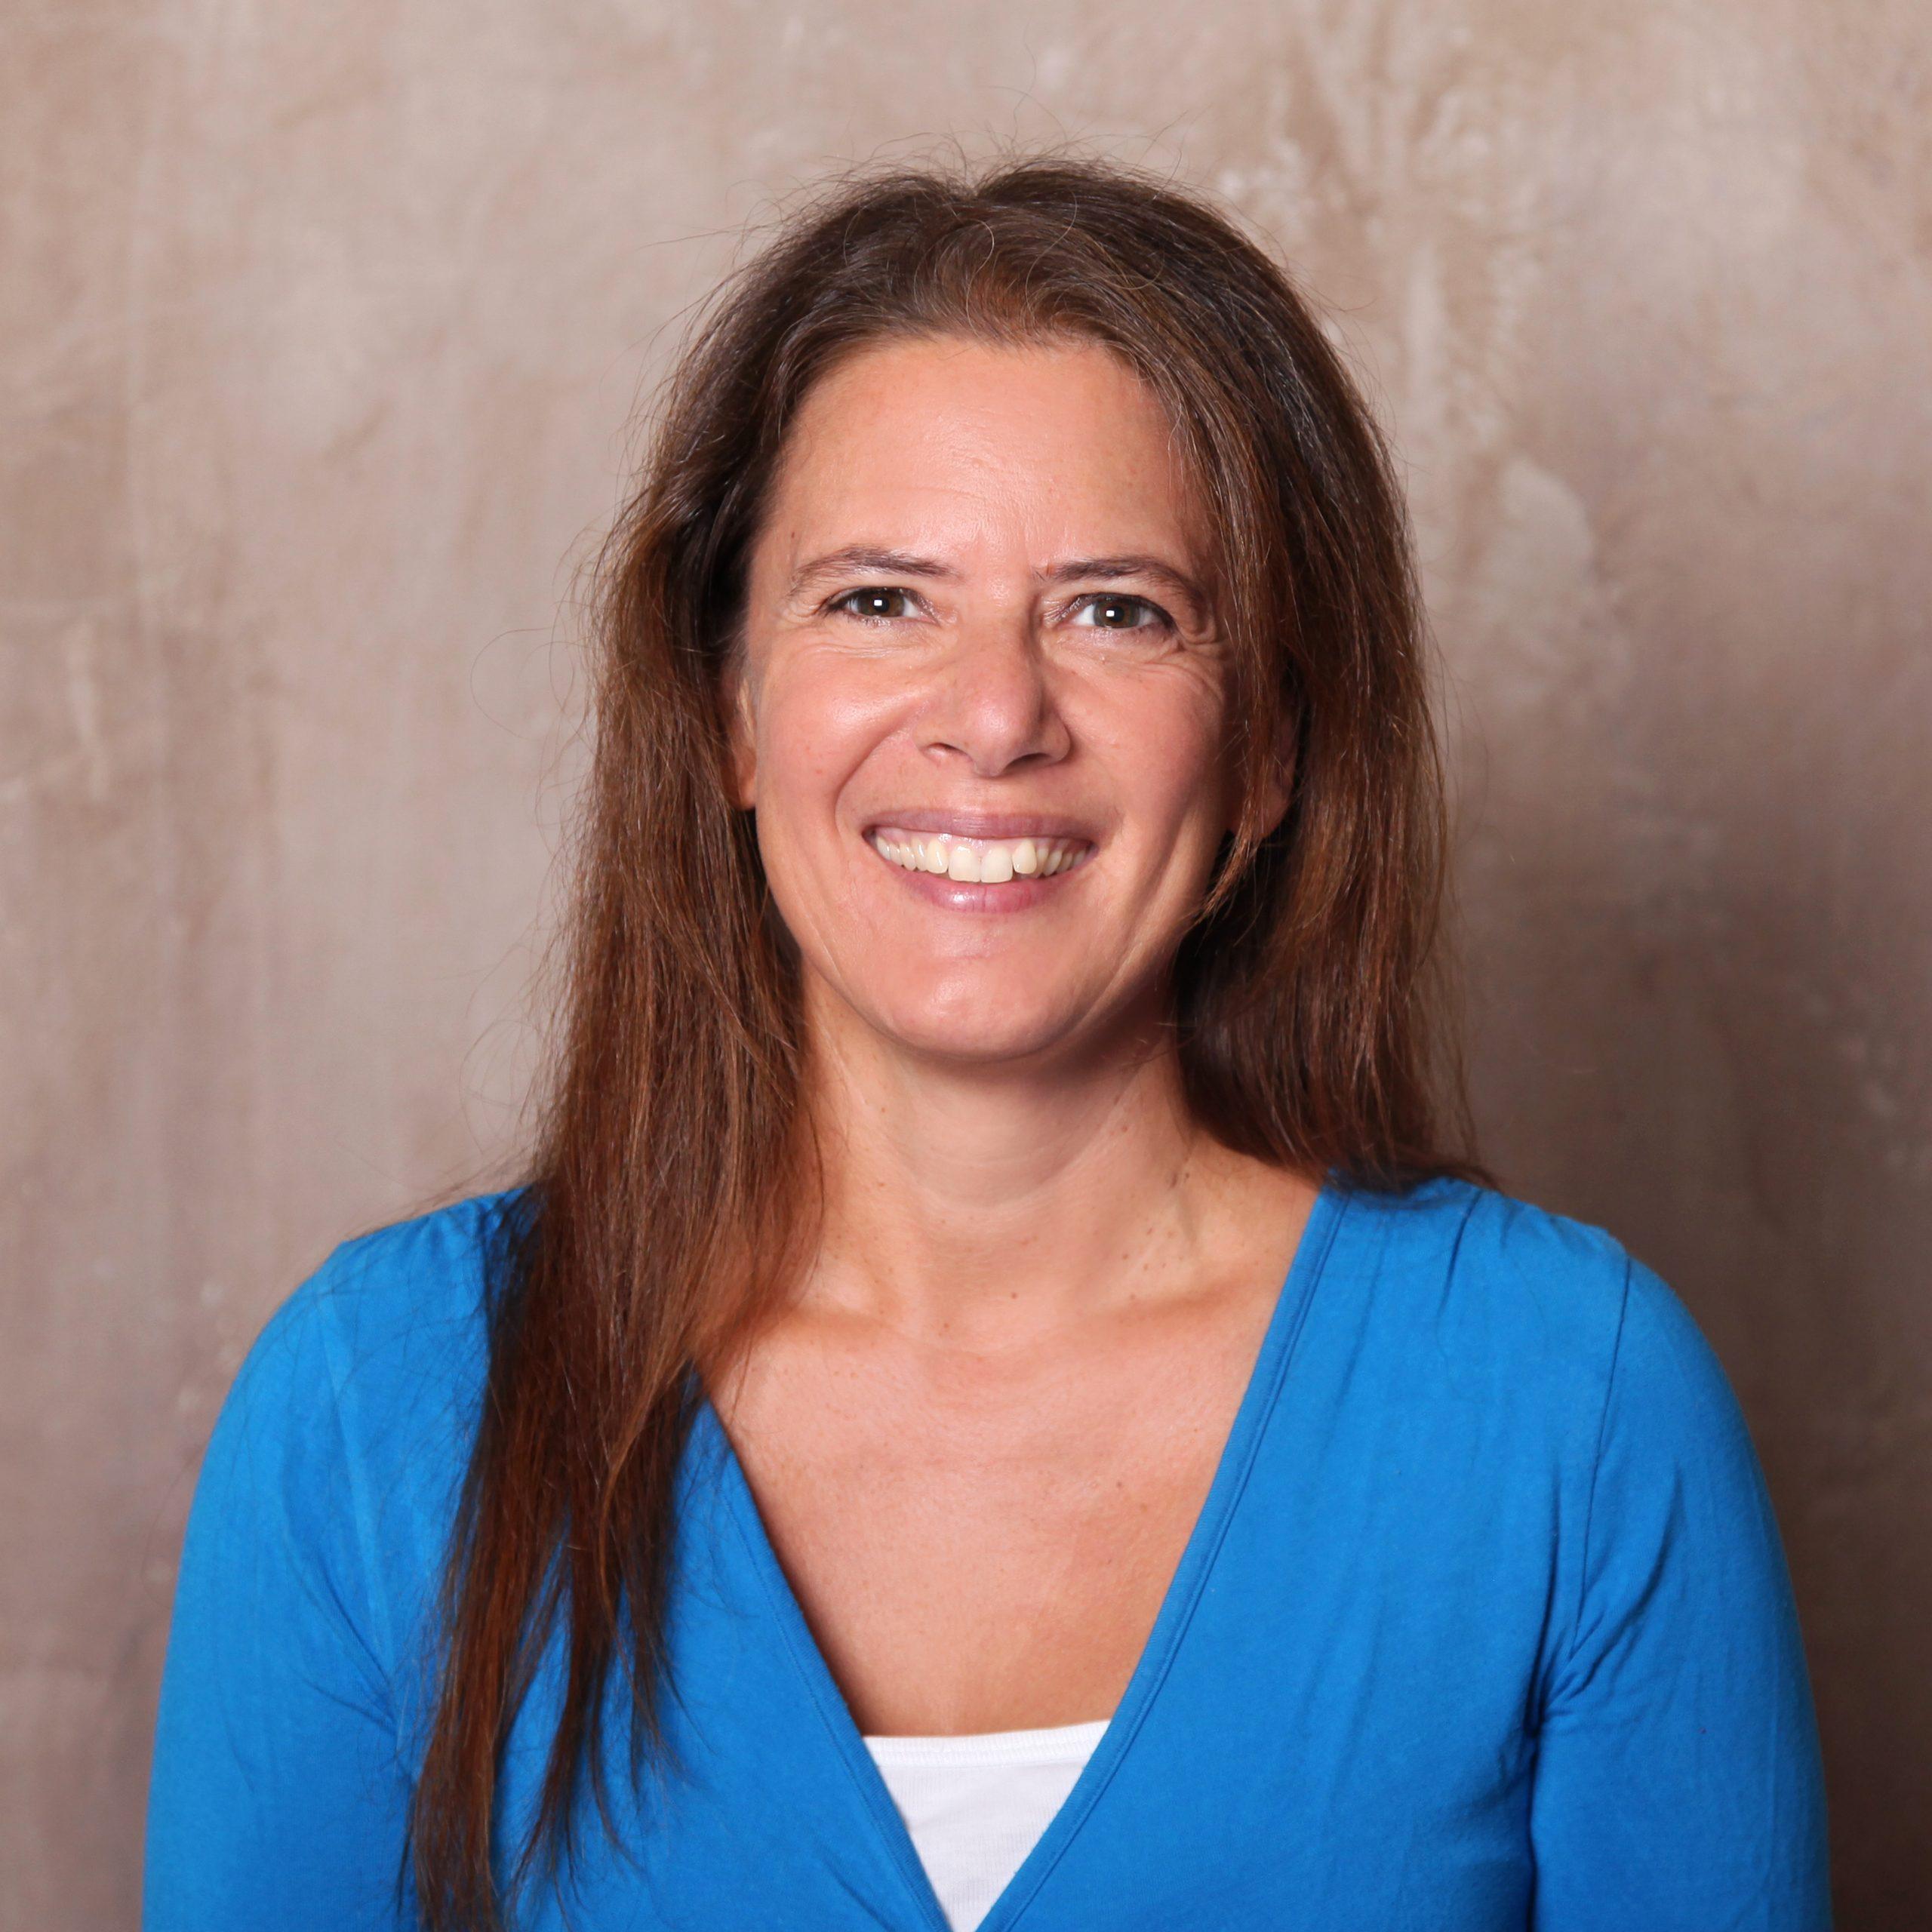 Bild: Bettina Berger, Coaching Ausbilderin, Fachärztin für Psychosomatik und Psychotherapie